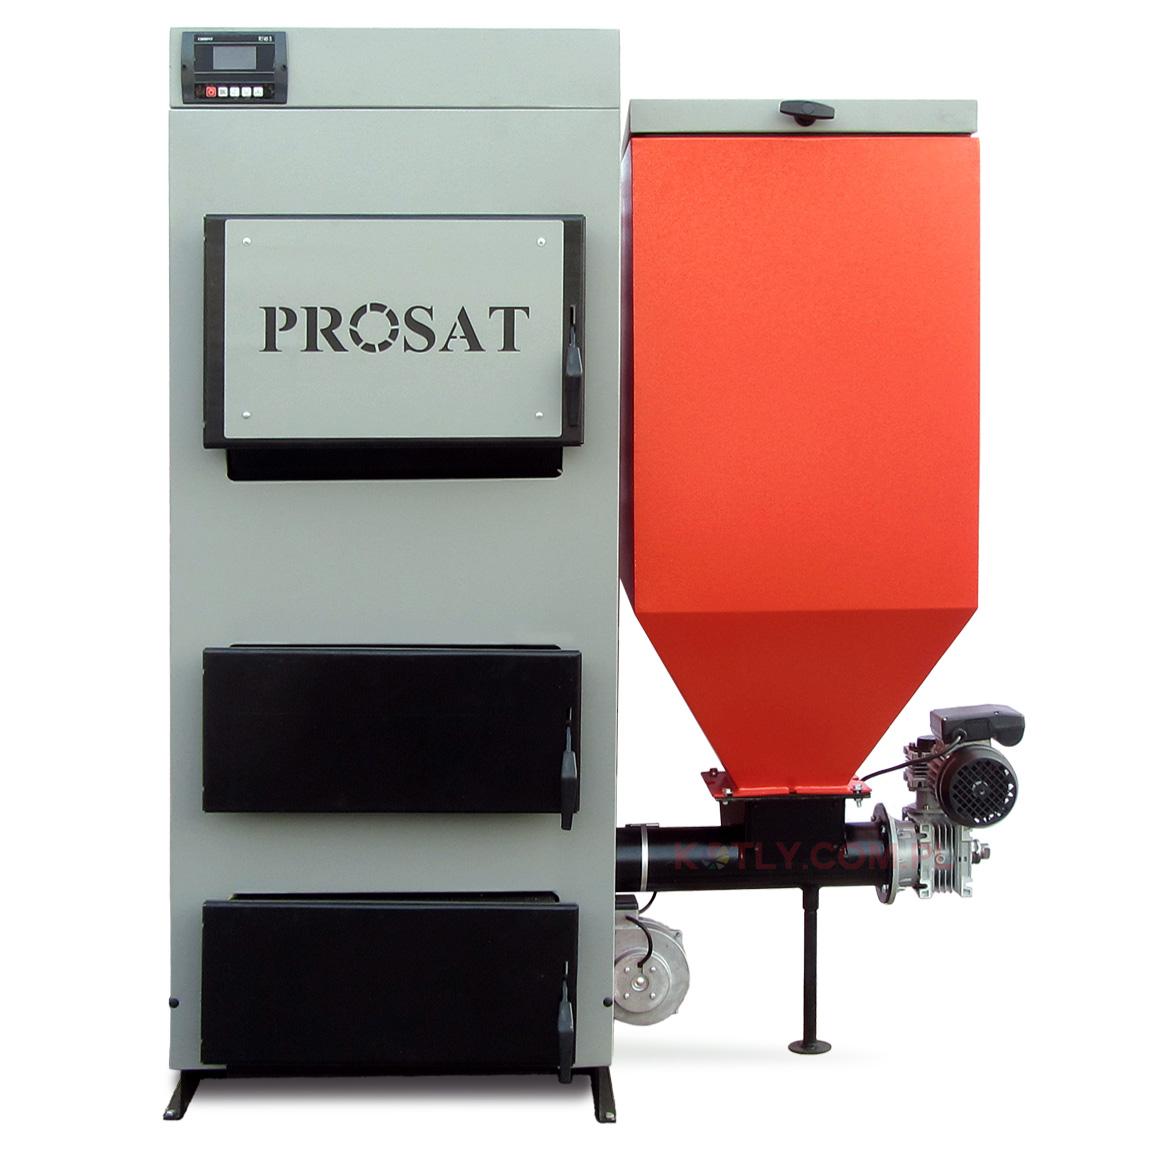 Kocioł z podajnikiem PROSAT 46 kW